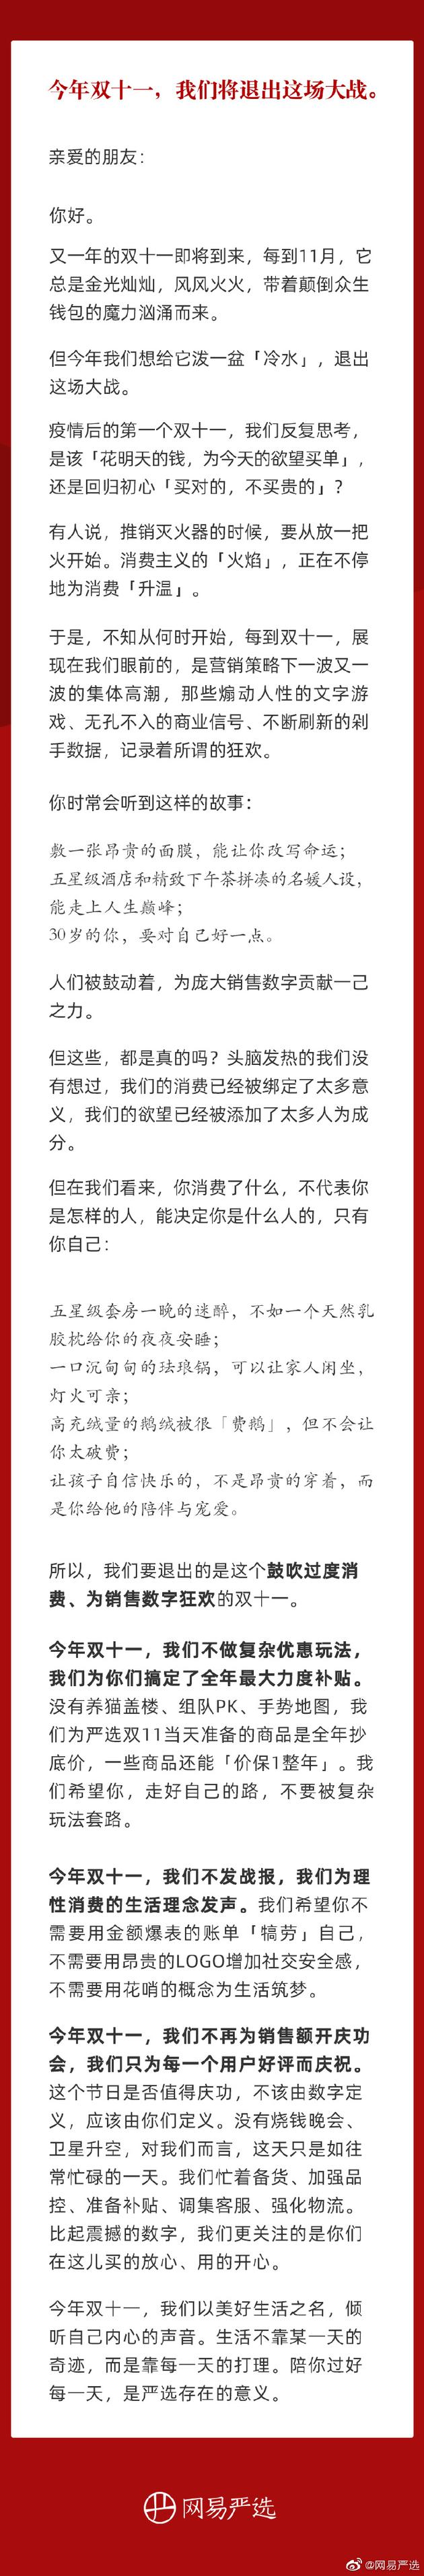 """网易严选退出""""双十一"""":不做复杂玩法不发战报"""